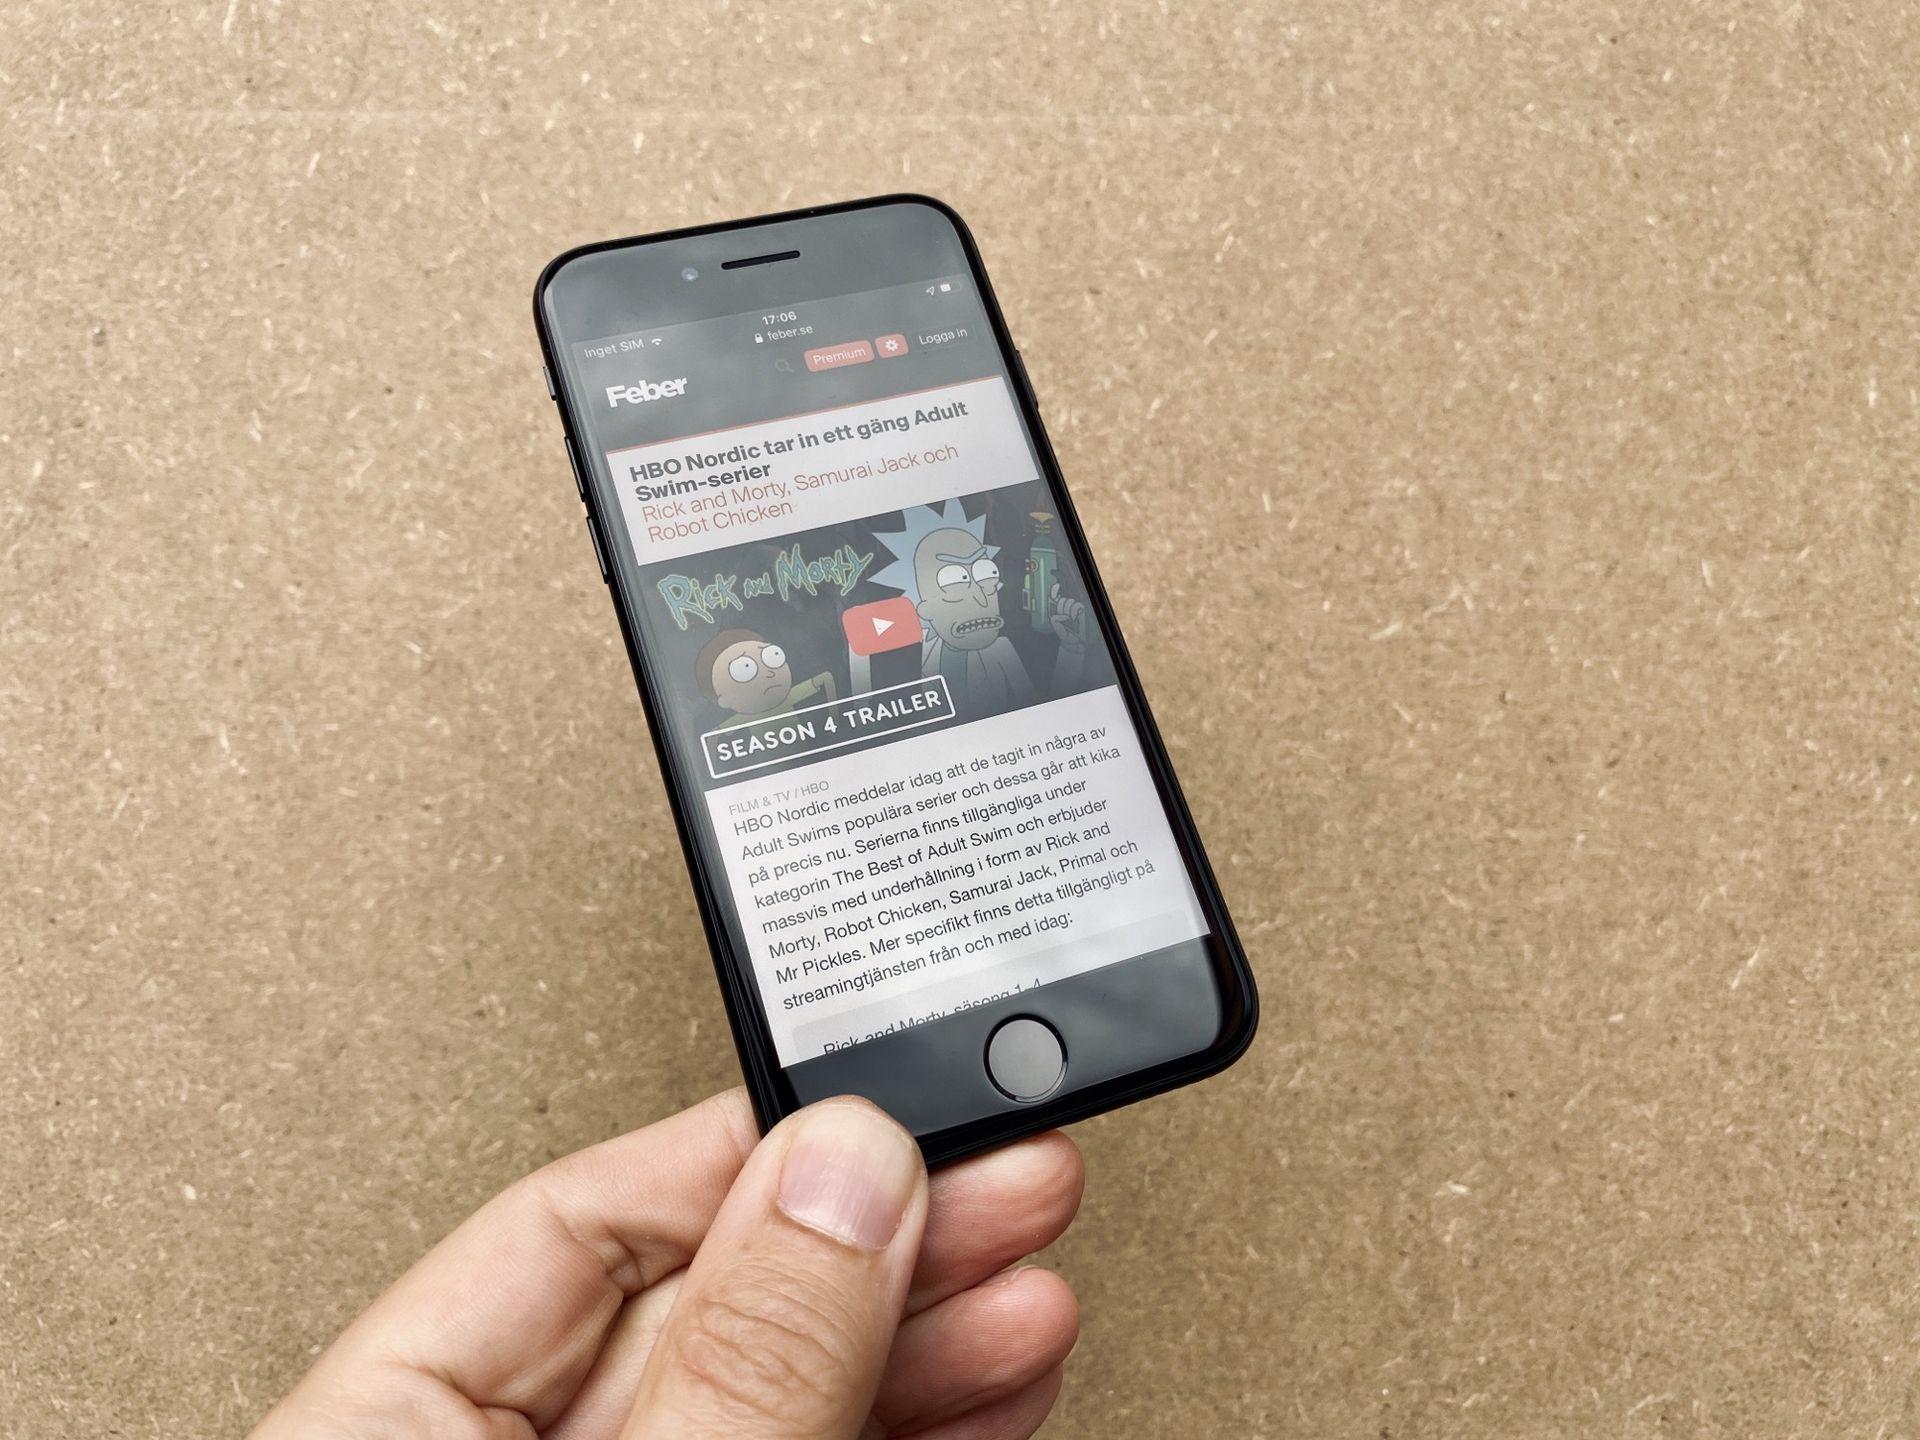 Testad! iPhone SE är liten, billig och snabb